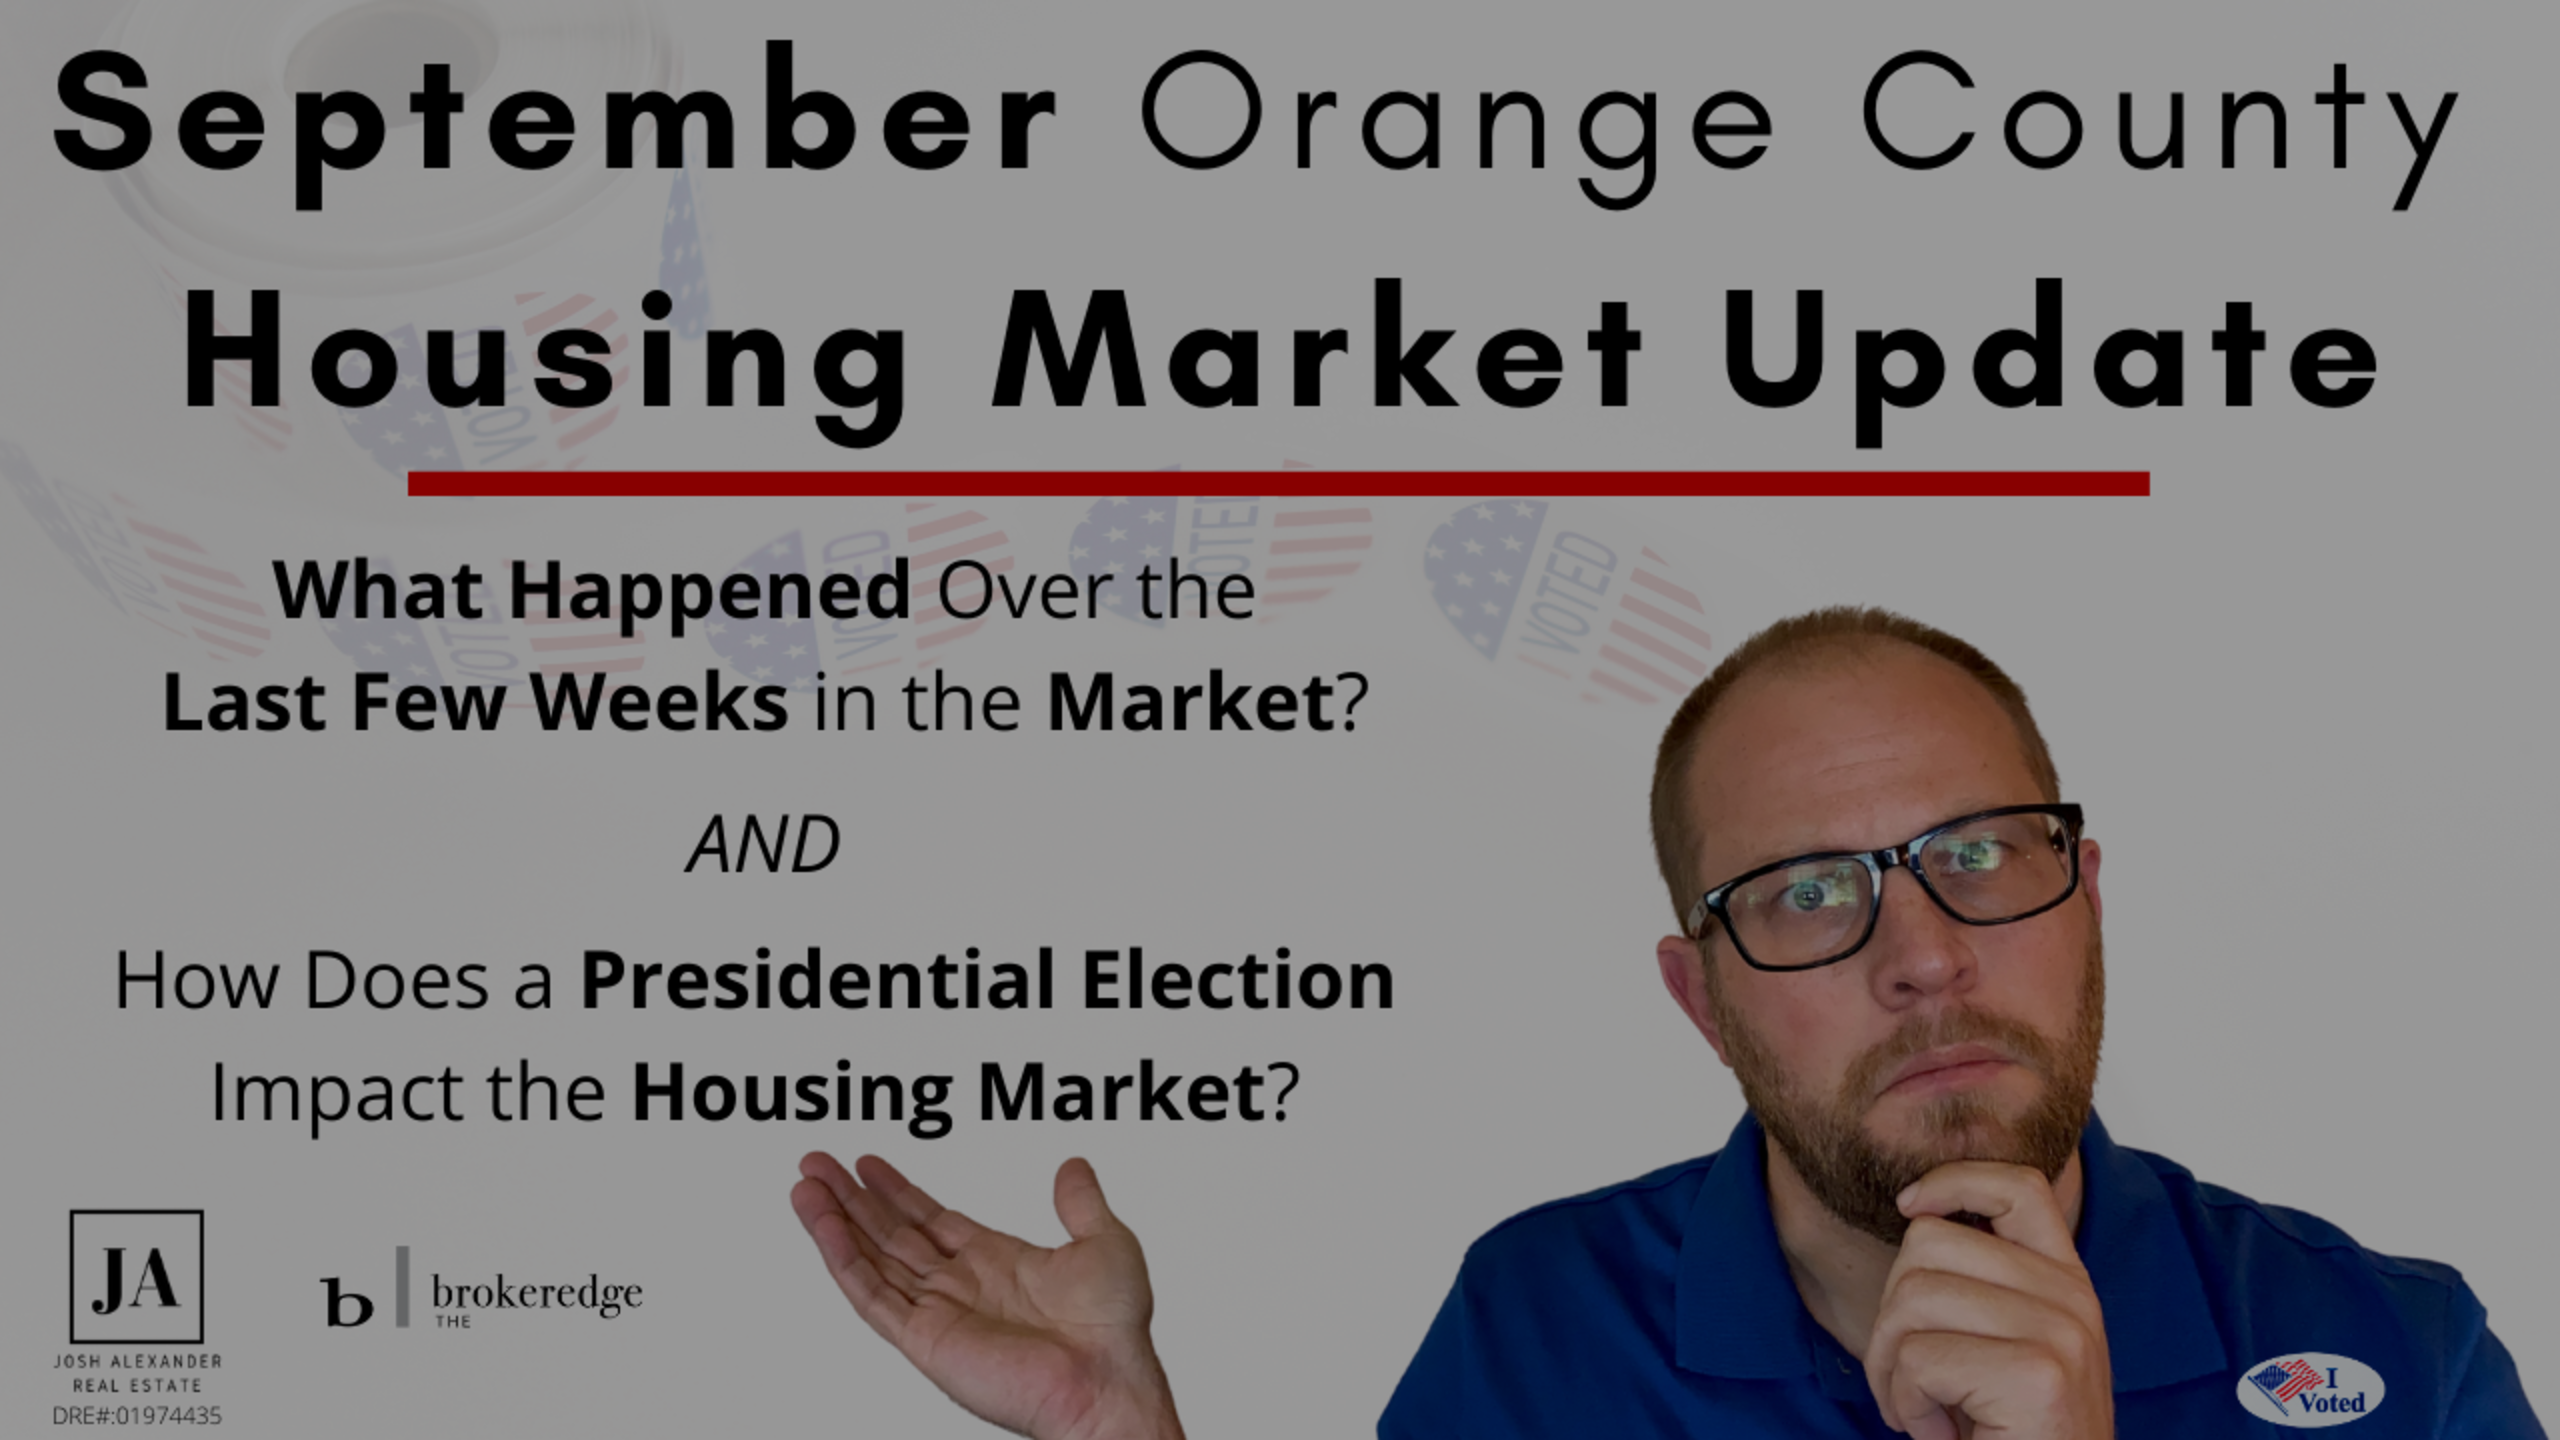 September 2020 Housing Market Update for Orange County